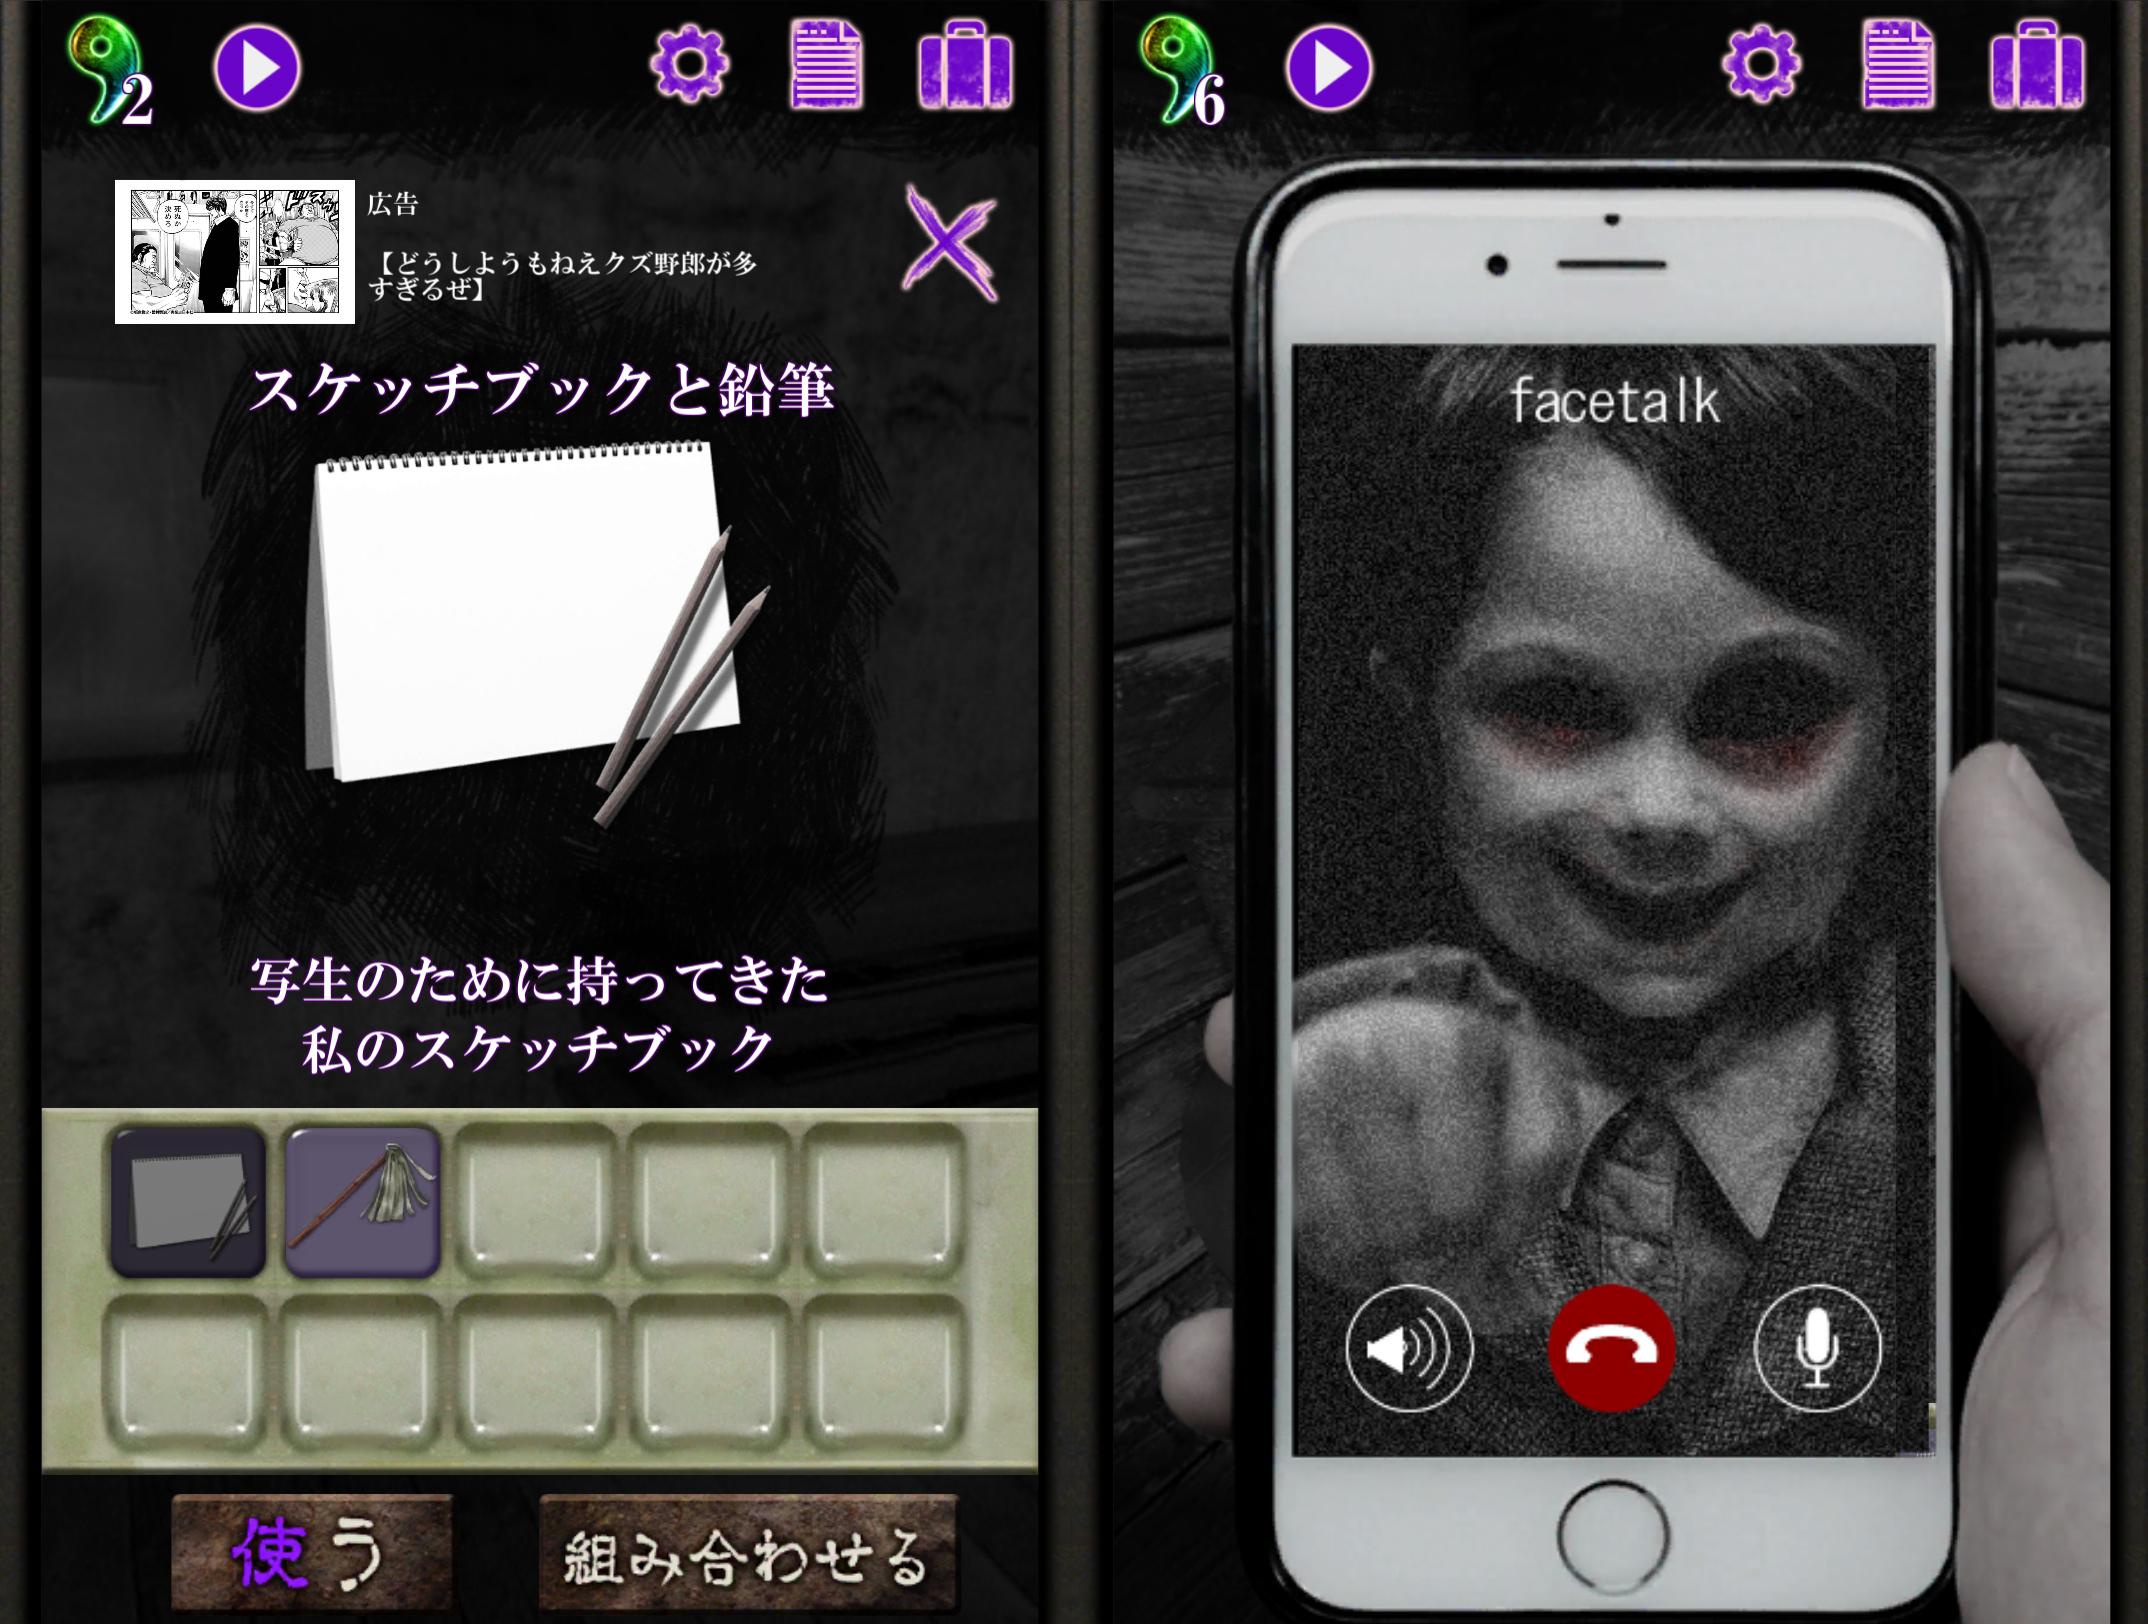 恐怖!美術館からの脱出:プレイルーム androidアプリスクリーンショット1